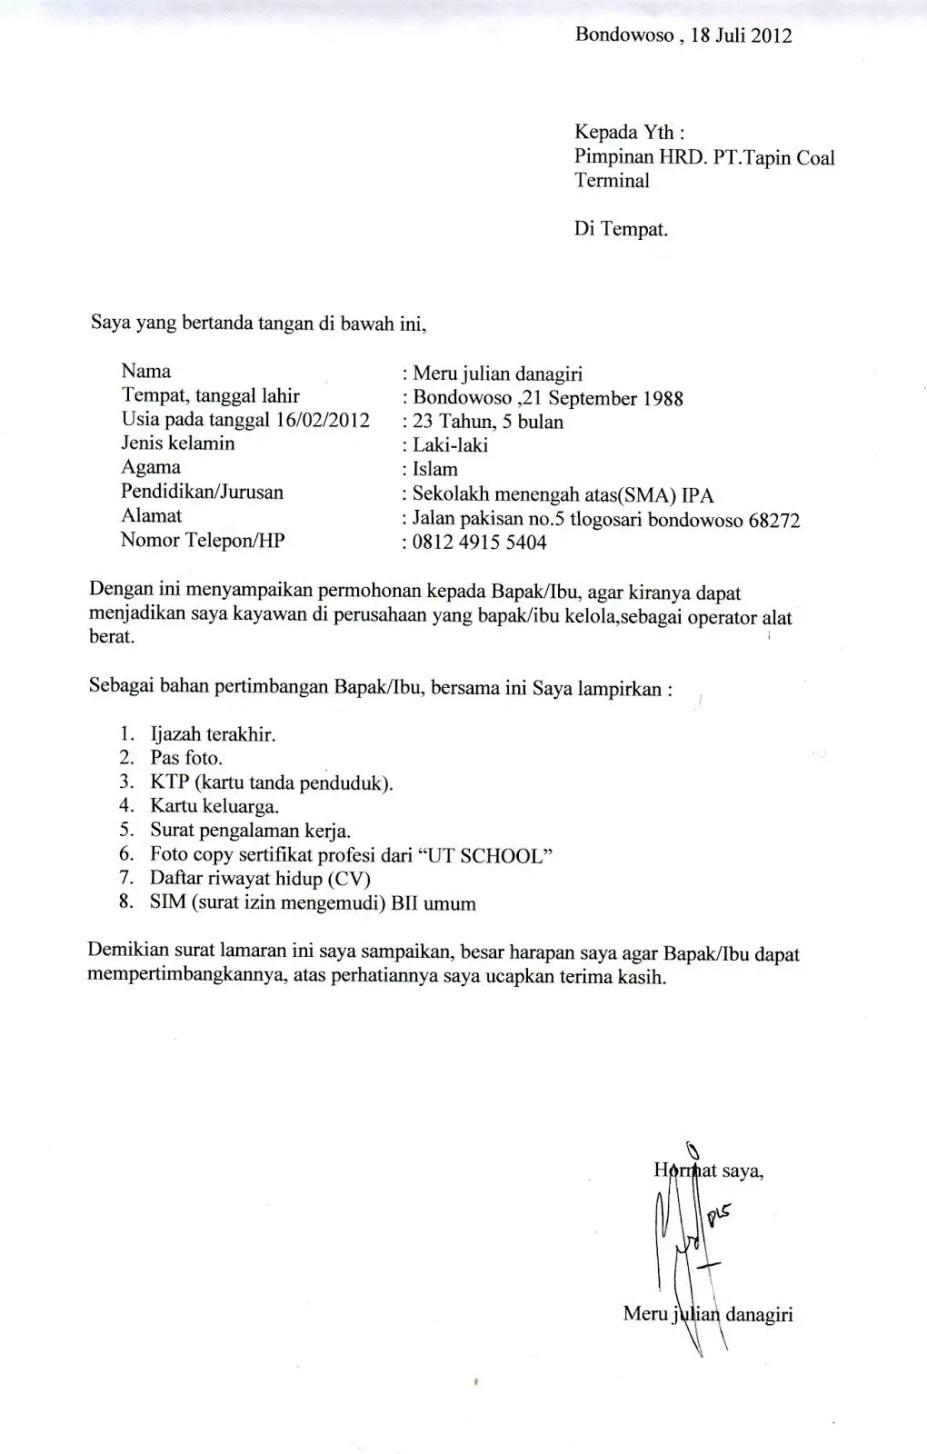 7. Contoh Surat Referensi Kerja Untuk Fresh Graduate